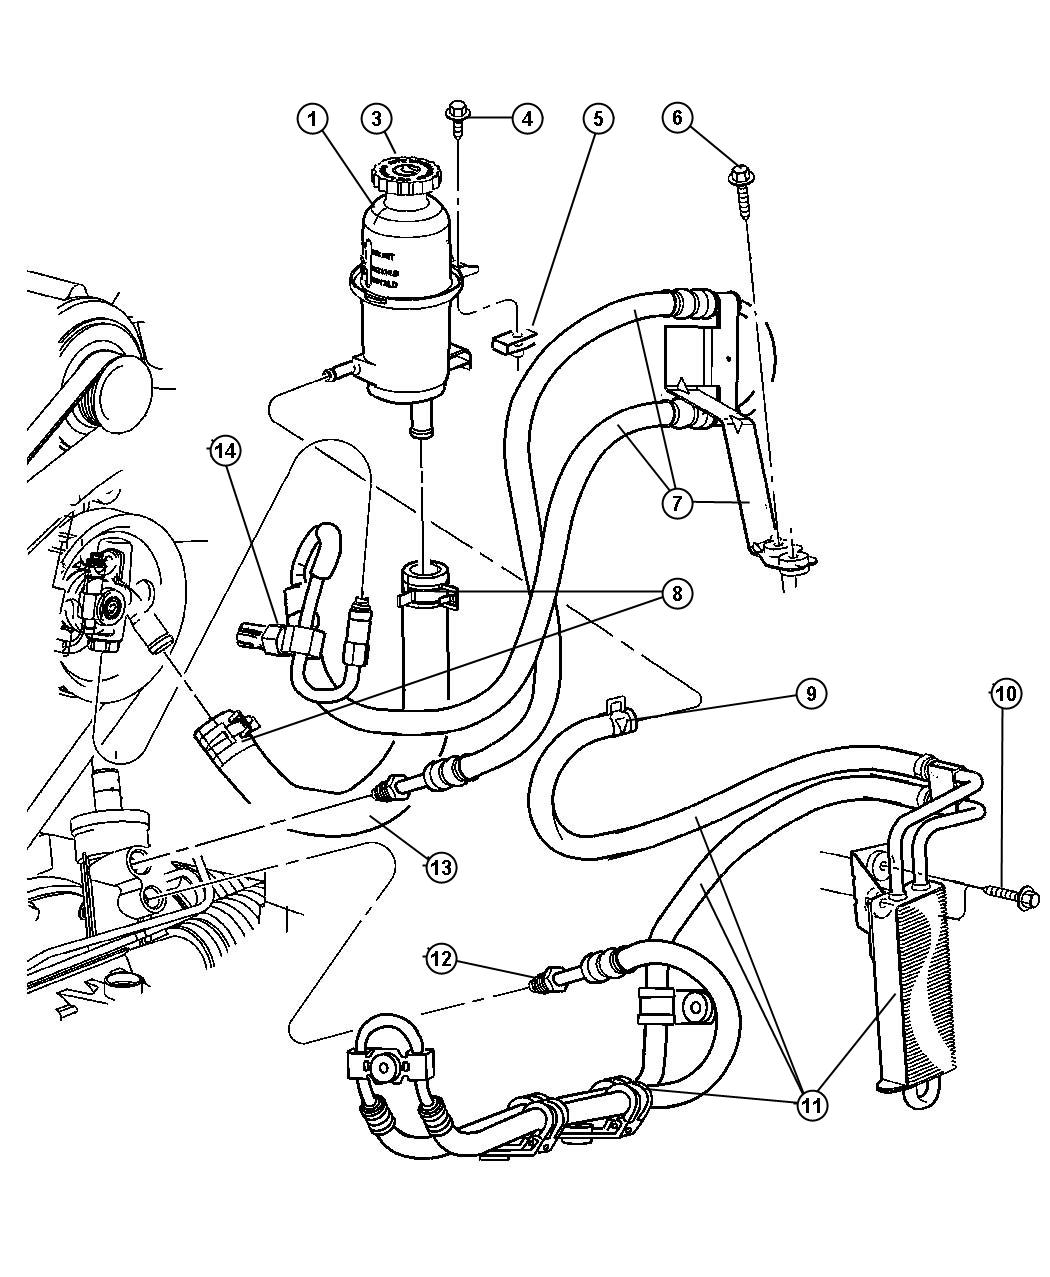 2002 chrysler pt cruiser switch power steering firm feel